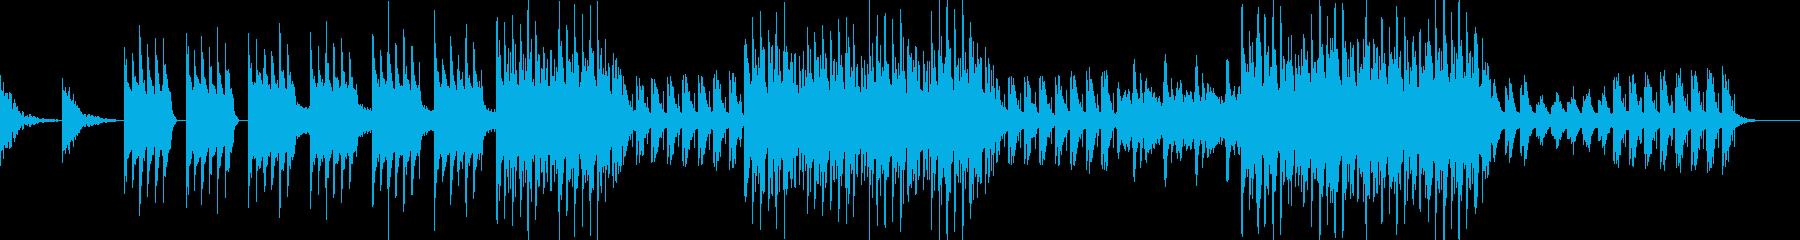 チルアウト感覚溢れるエレクトロニカの再生済みの波形